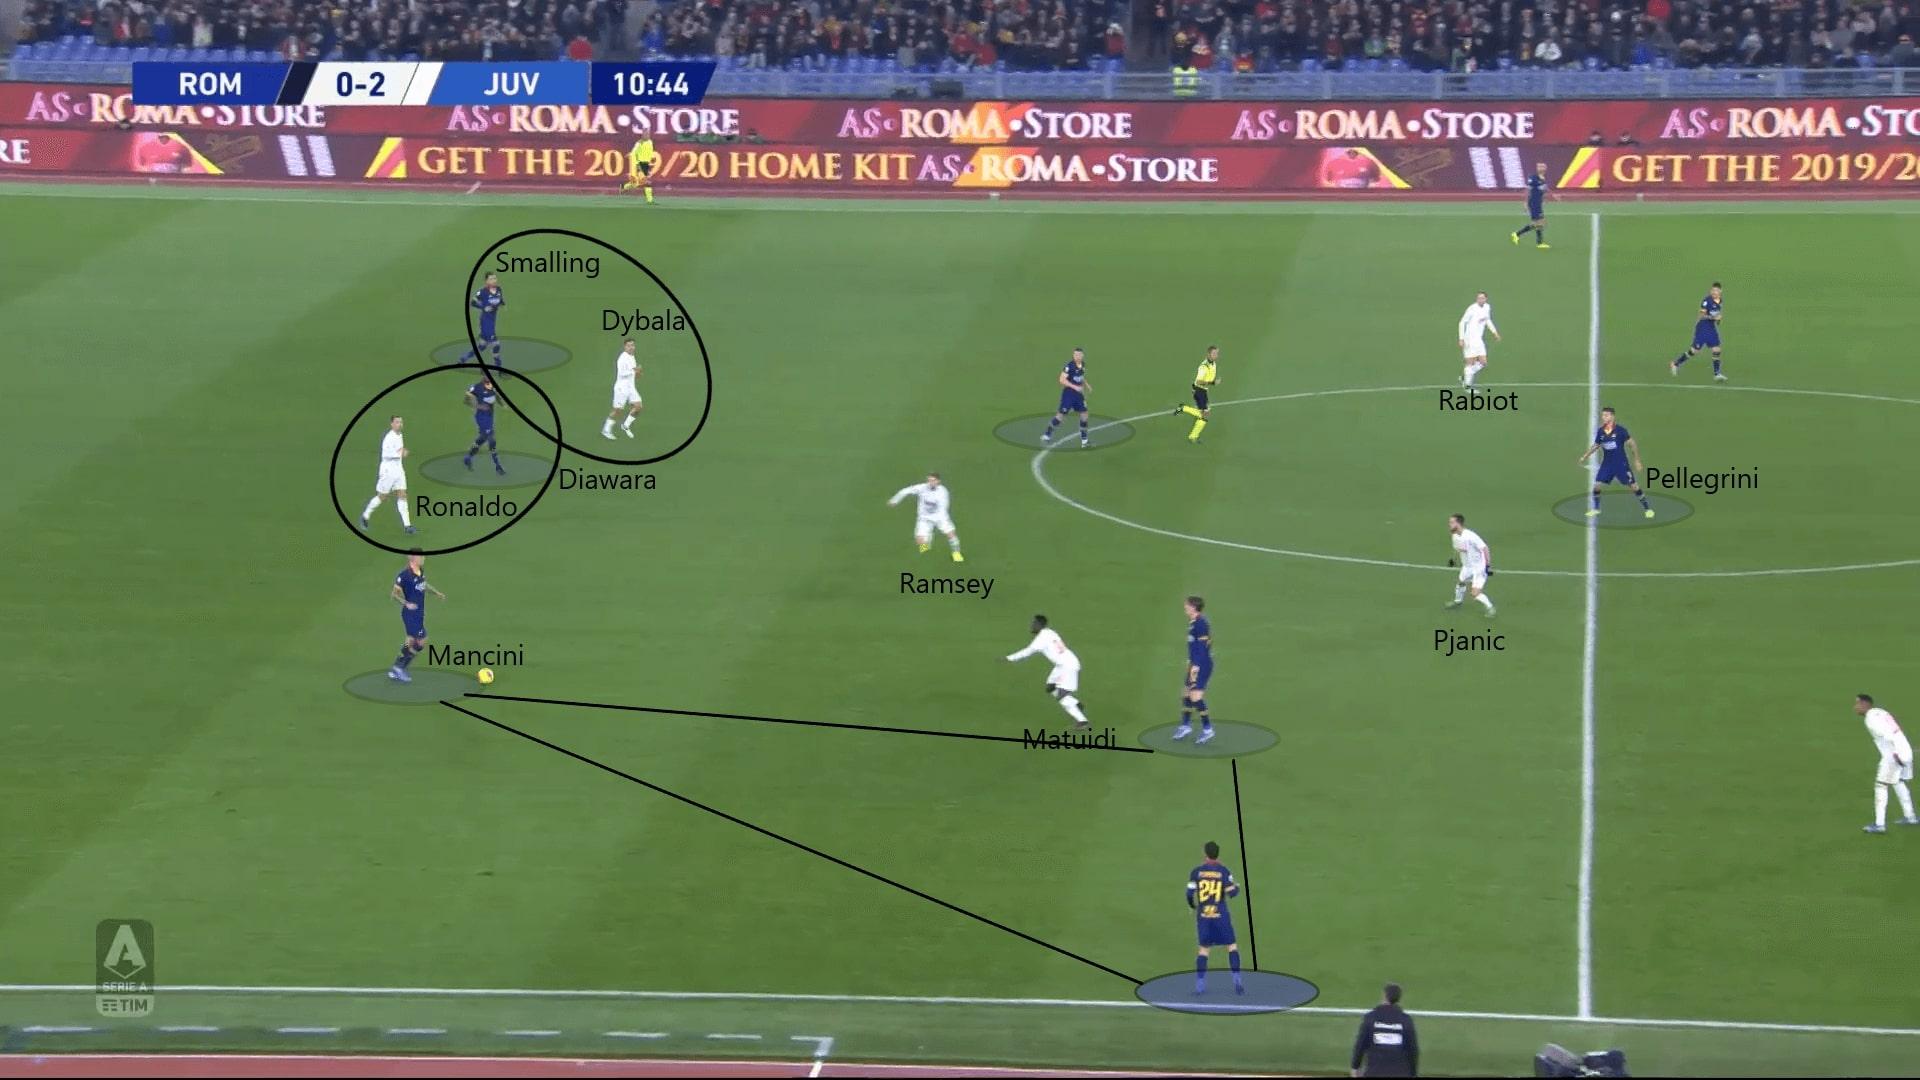 Serie A 2019/20: Roma vs Juventus - tactical analysis tactics